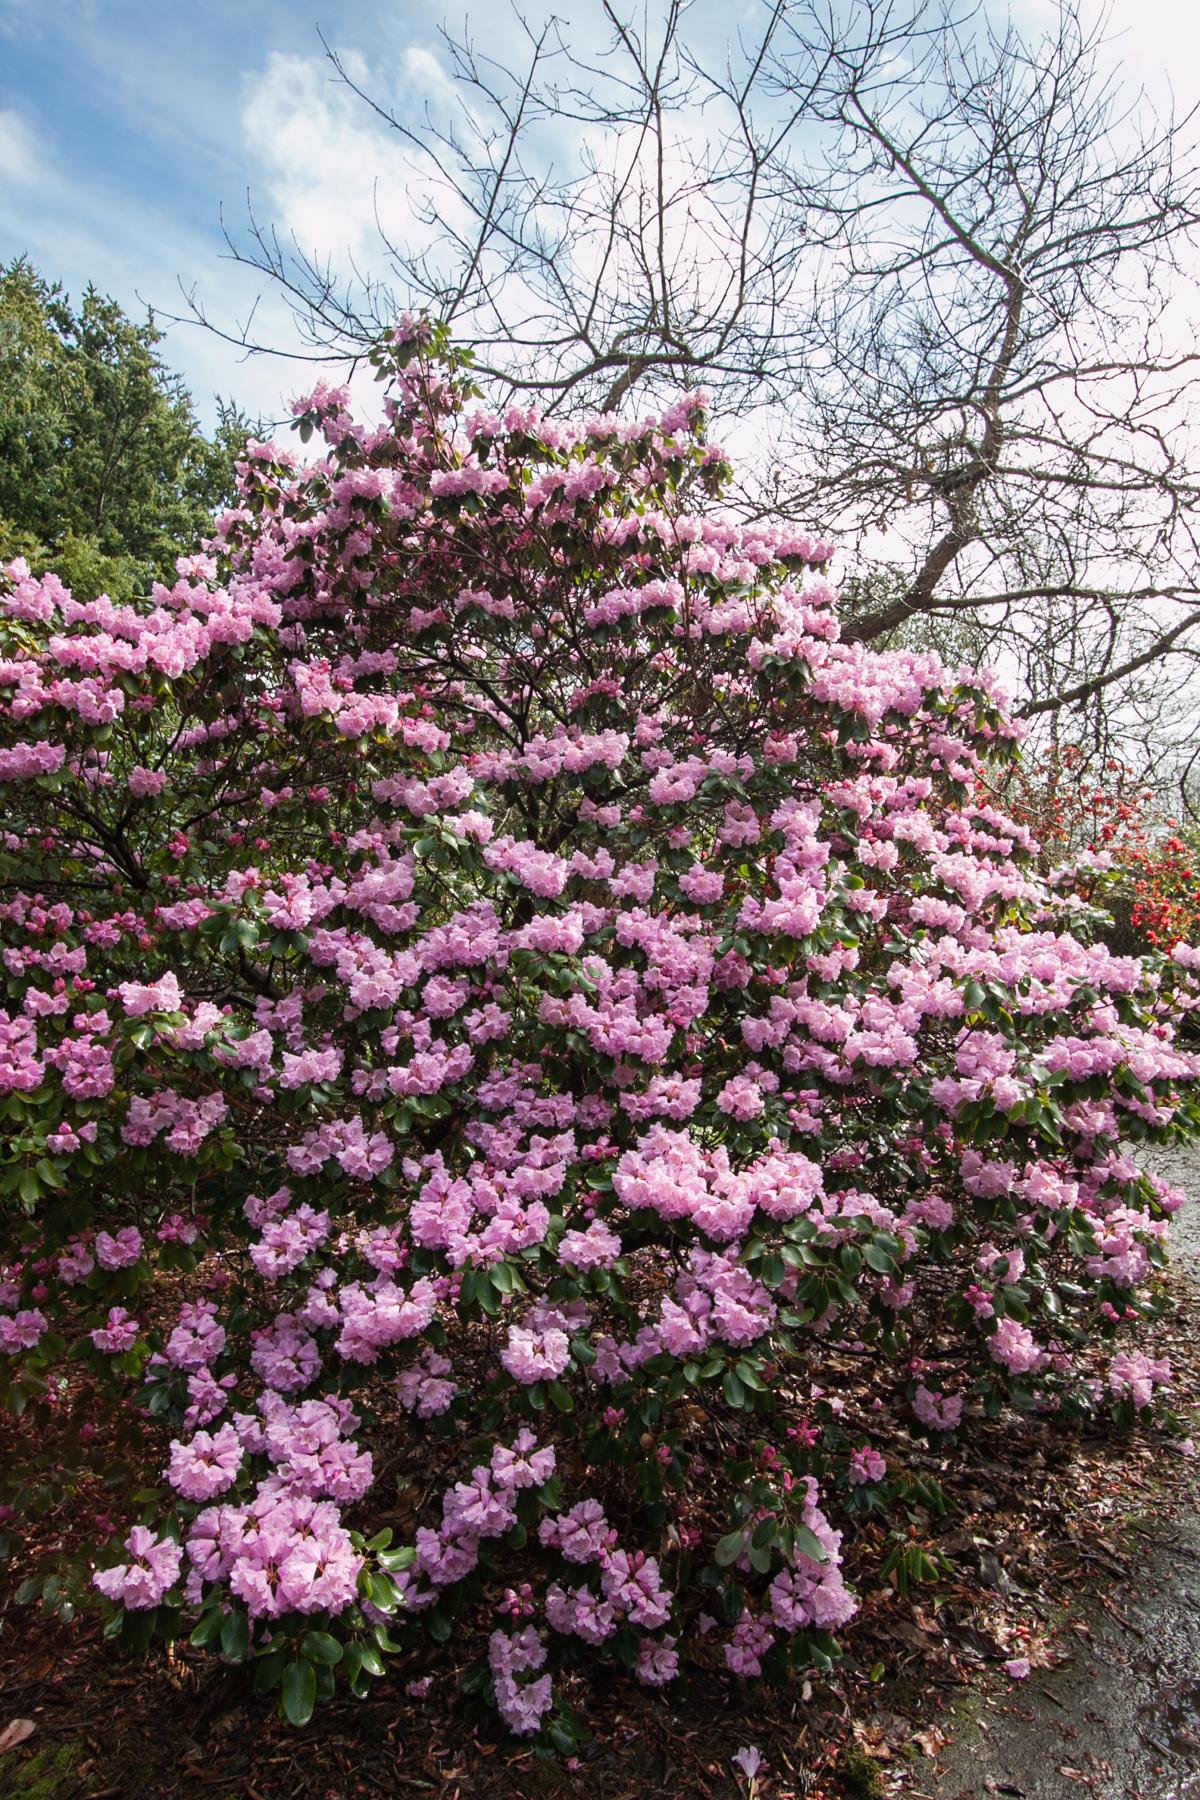 ogród botaniczny w edynburgu atrakcje